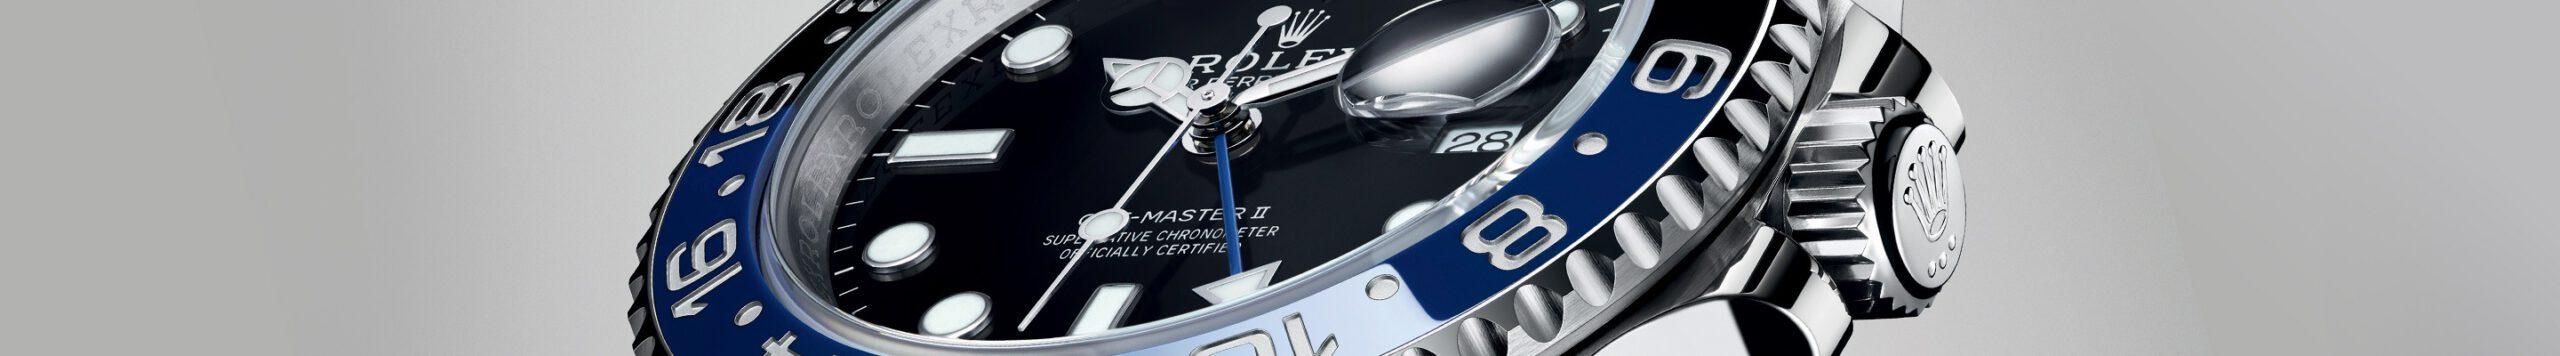 นาฬิกาRolex GMT-Master II ที่ เอ็น จี จี ไทม์พีซ